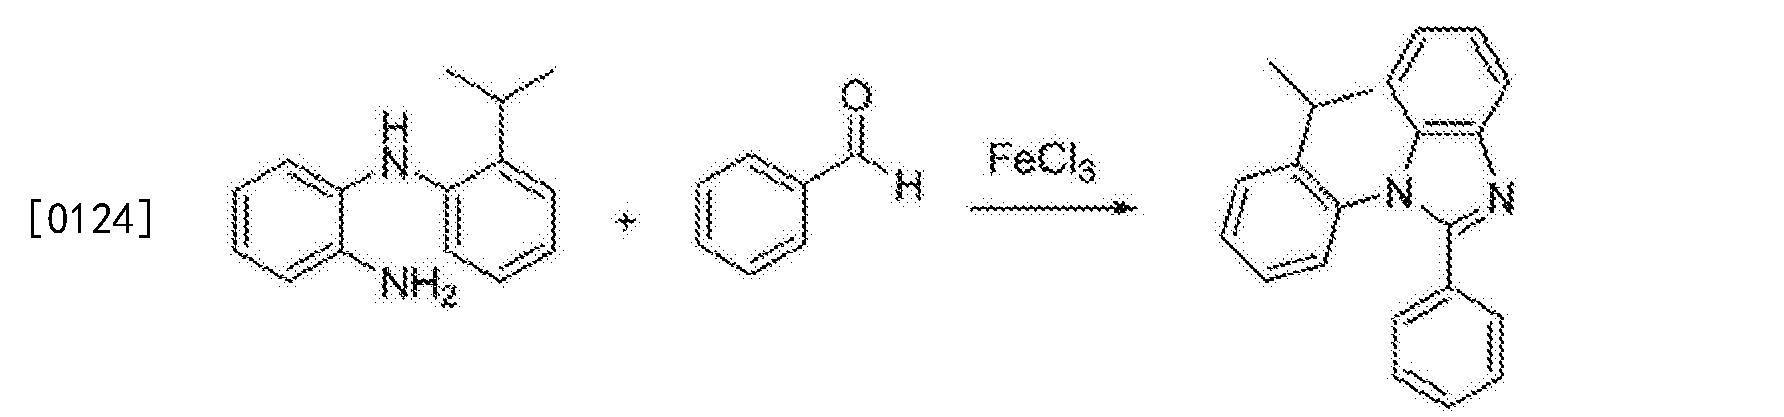 Figure CN103396455BD00484